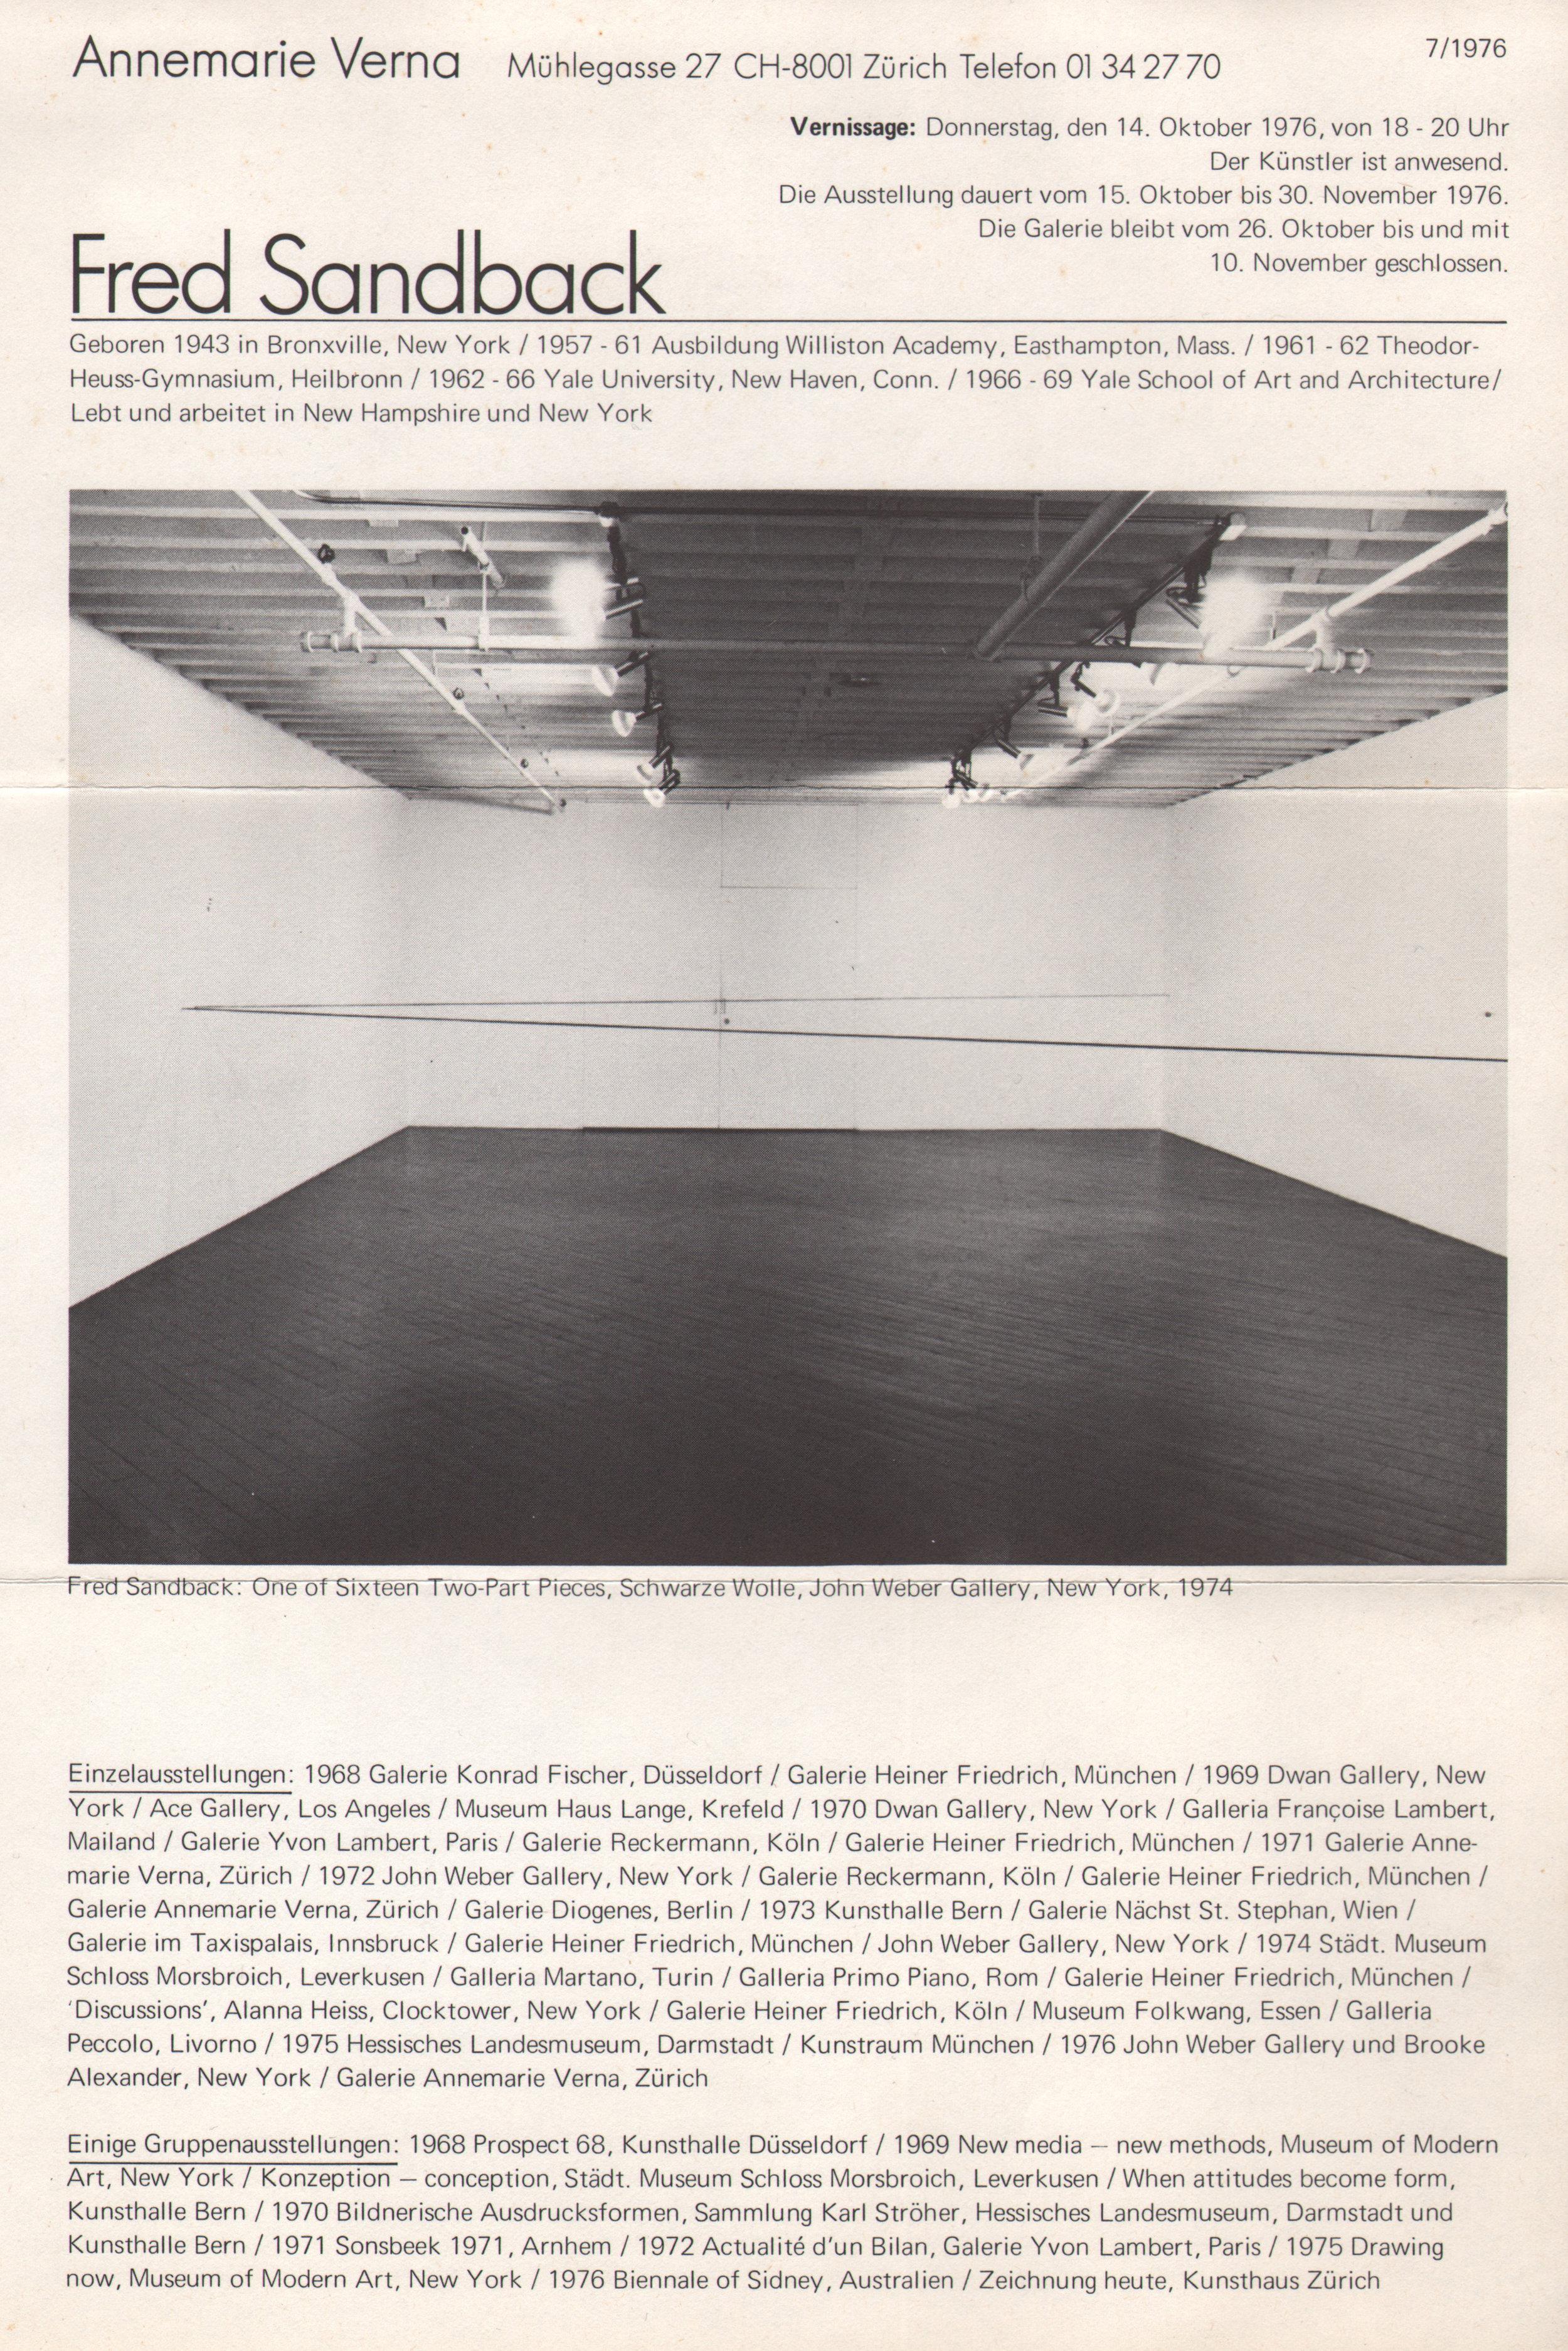 Annemarie Verna Galerie, Zurich, invitation card